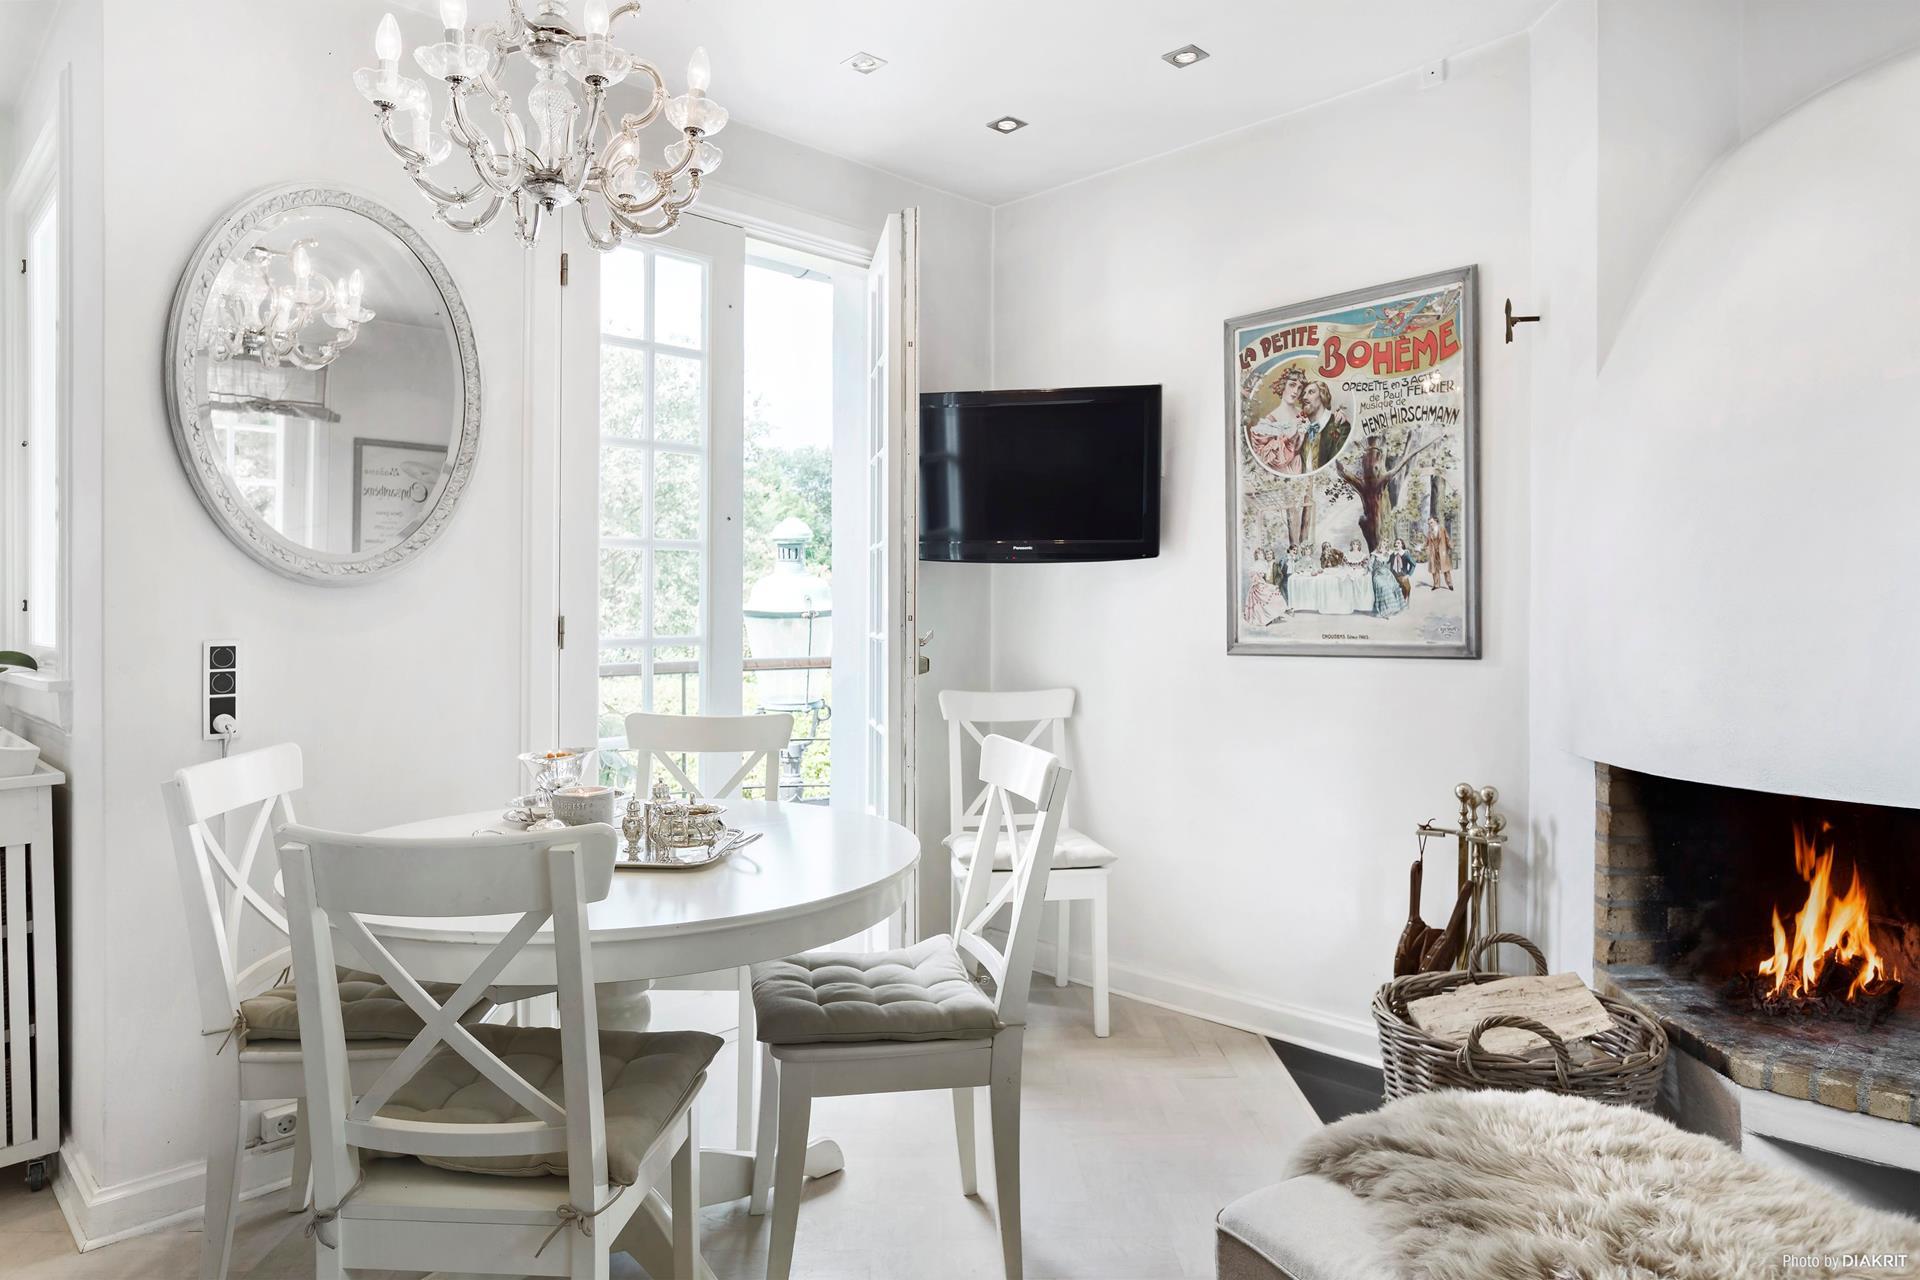 обеденный стол стулья лампа окно пуф камин телевизор